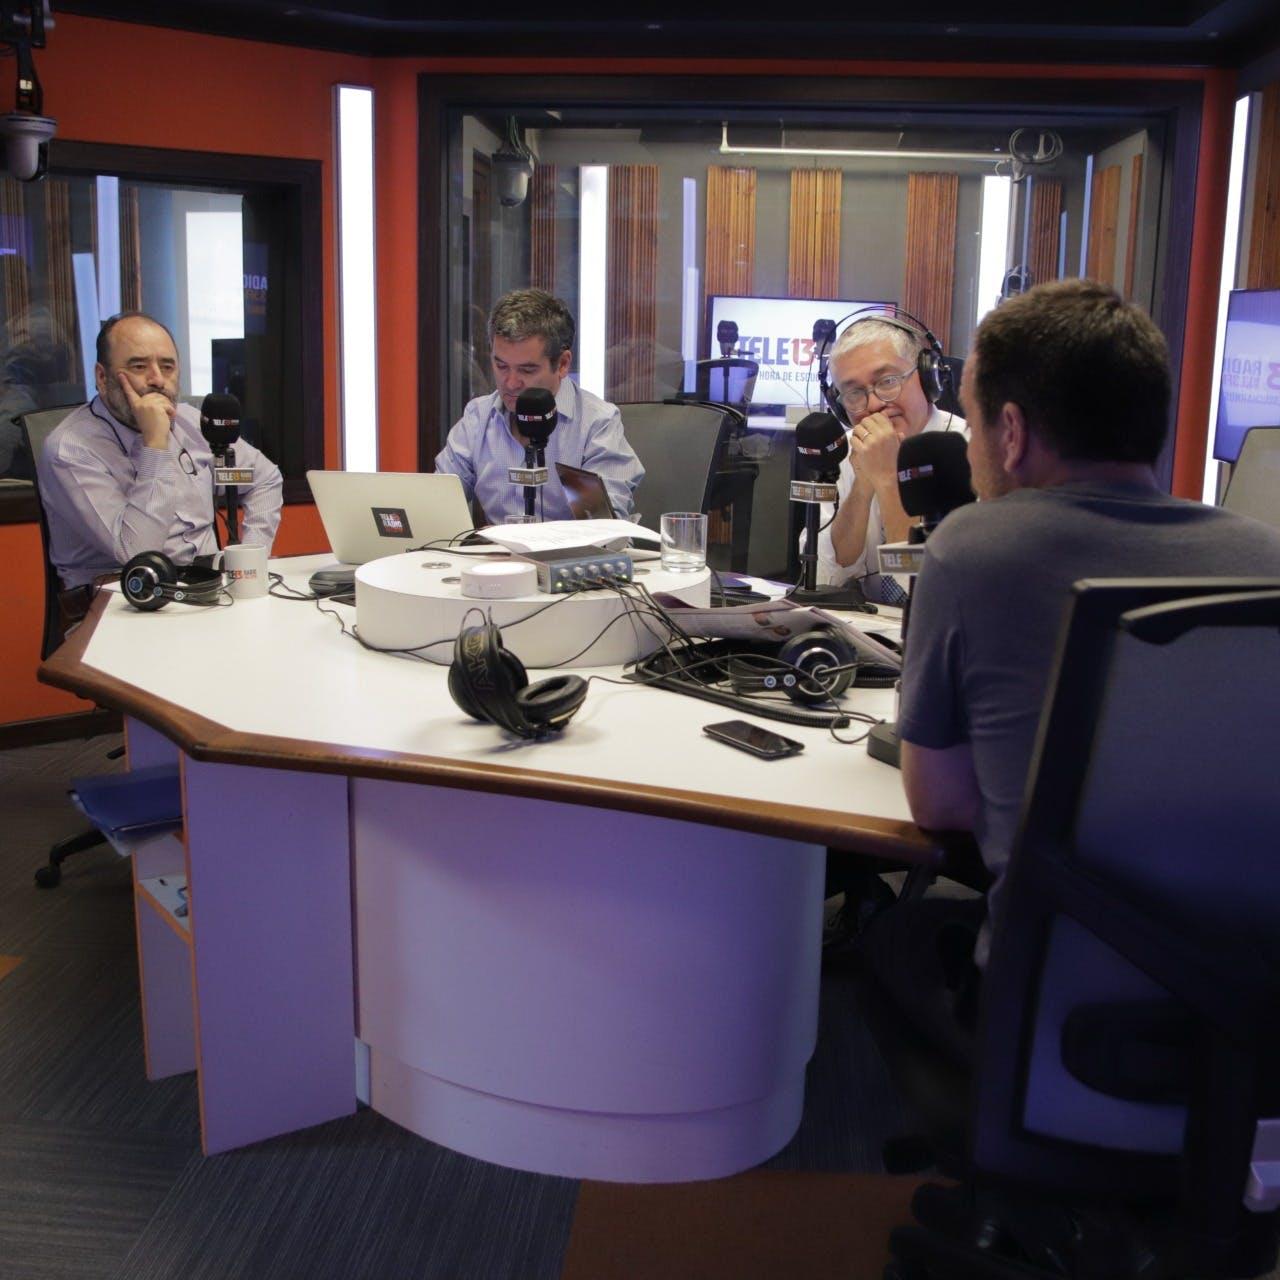 Mujica, Navarrete y Guzmán conversan sobre el coronavirus, plebiscito y primarias norteamericanas - Podcast - Mesa Central - Columnistas - Emisor Podcasting